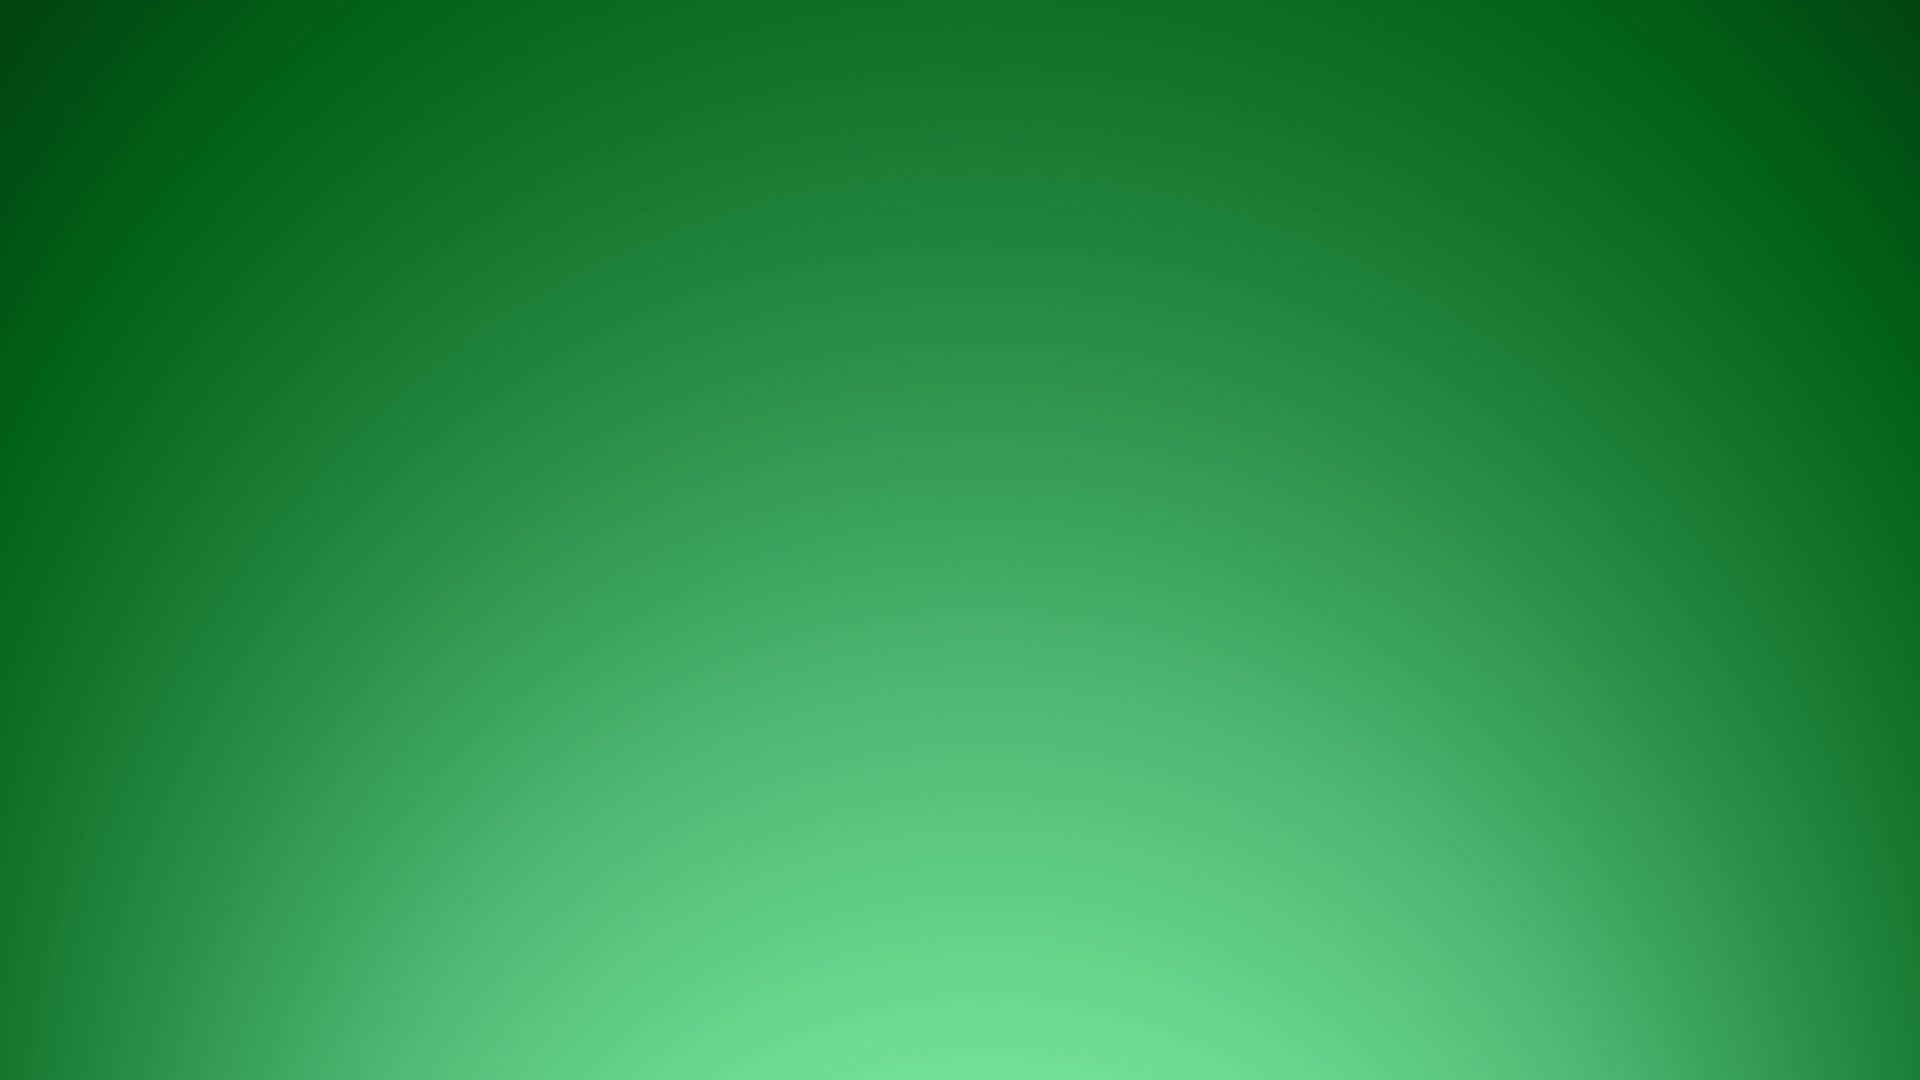 1920x1080 green wallpaper: Green HD Wallpaper